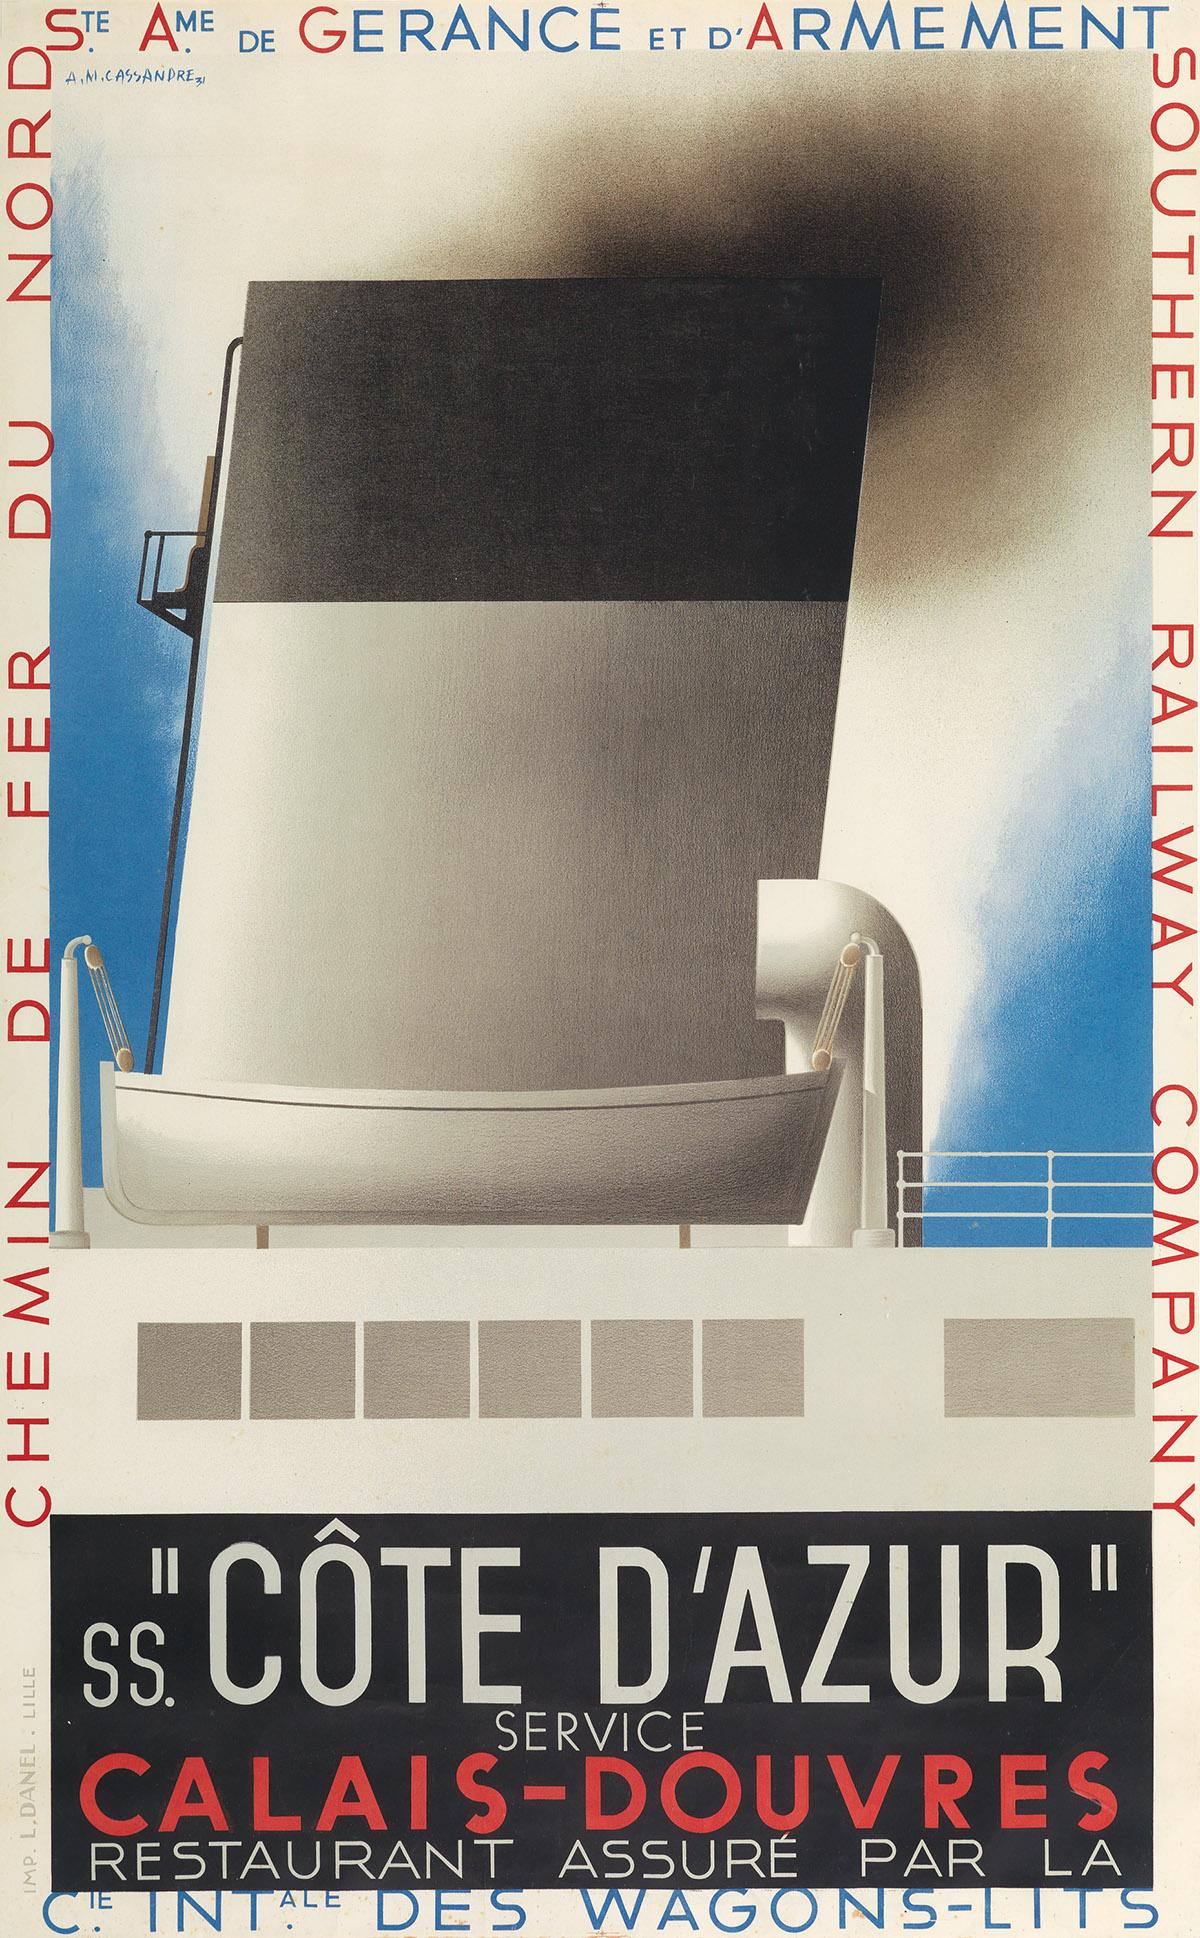 ADOLPHE MOURON CASSANDRE (1901-1968). SS. CÔTE DAZUR. 1931. 39x24 inches, 99x62 cm. L. Danel, Lille.